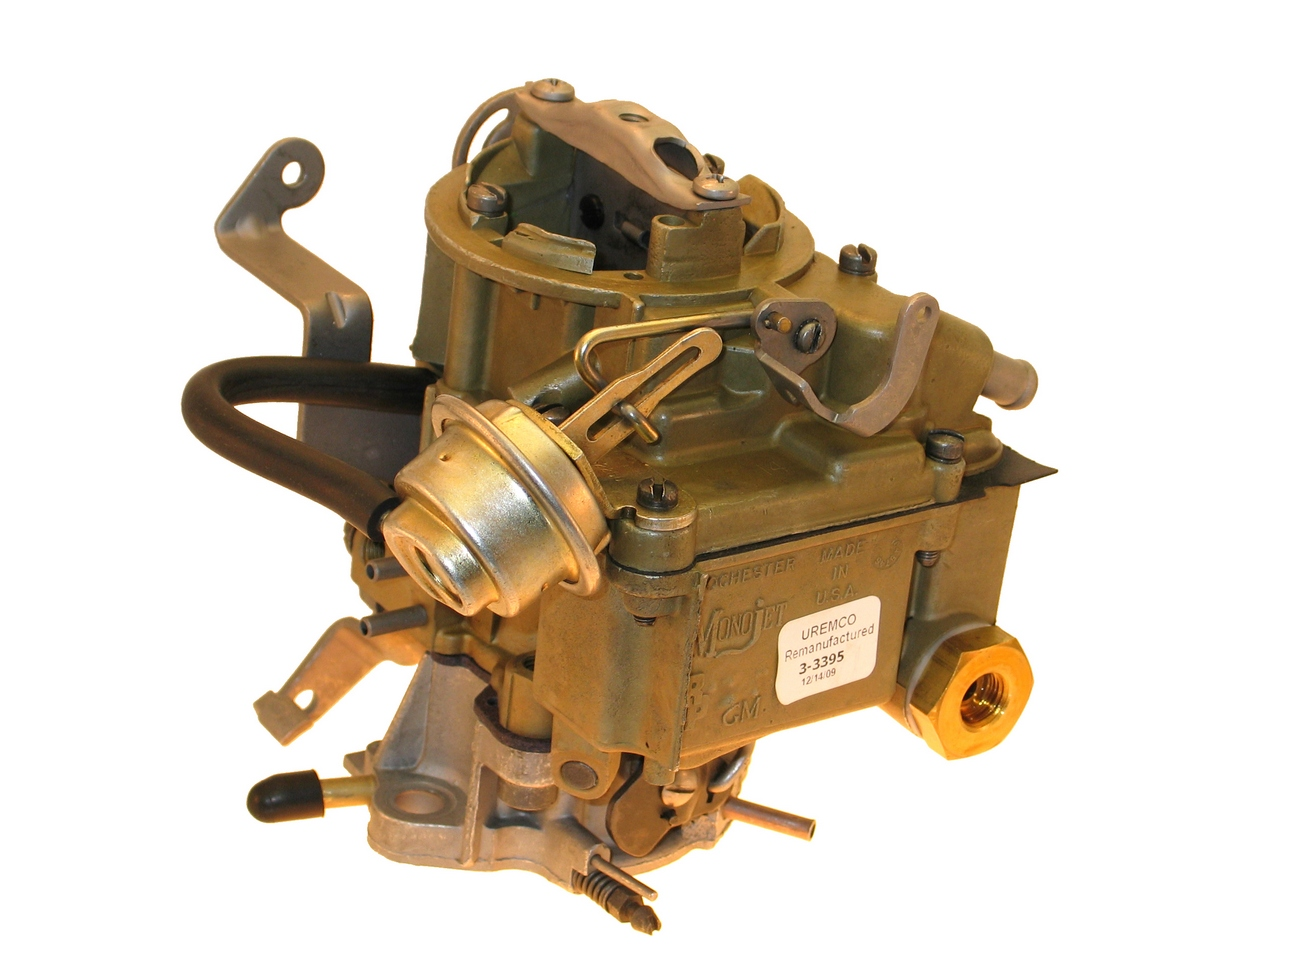 UREMCO 1974 Fuel Injector